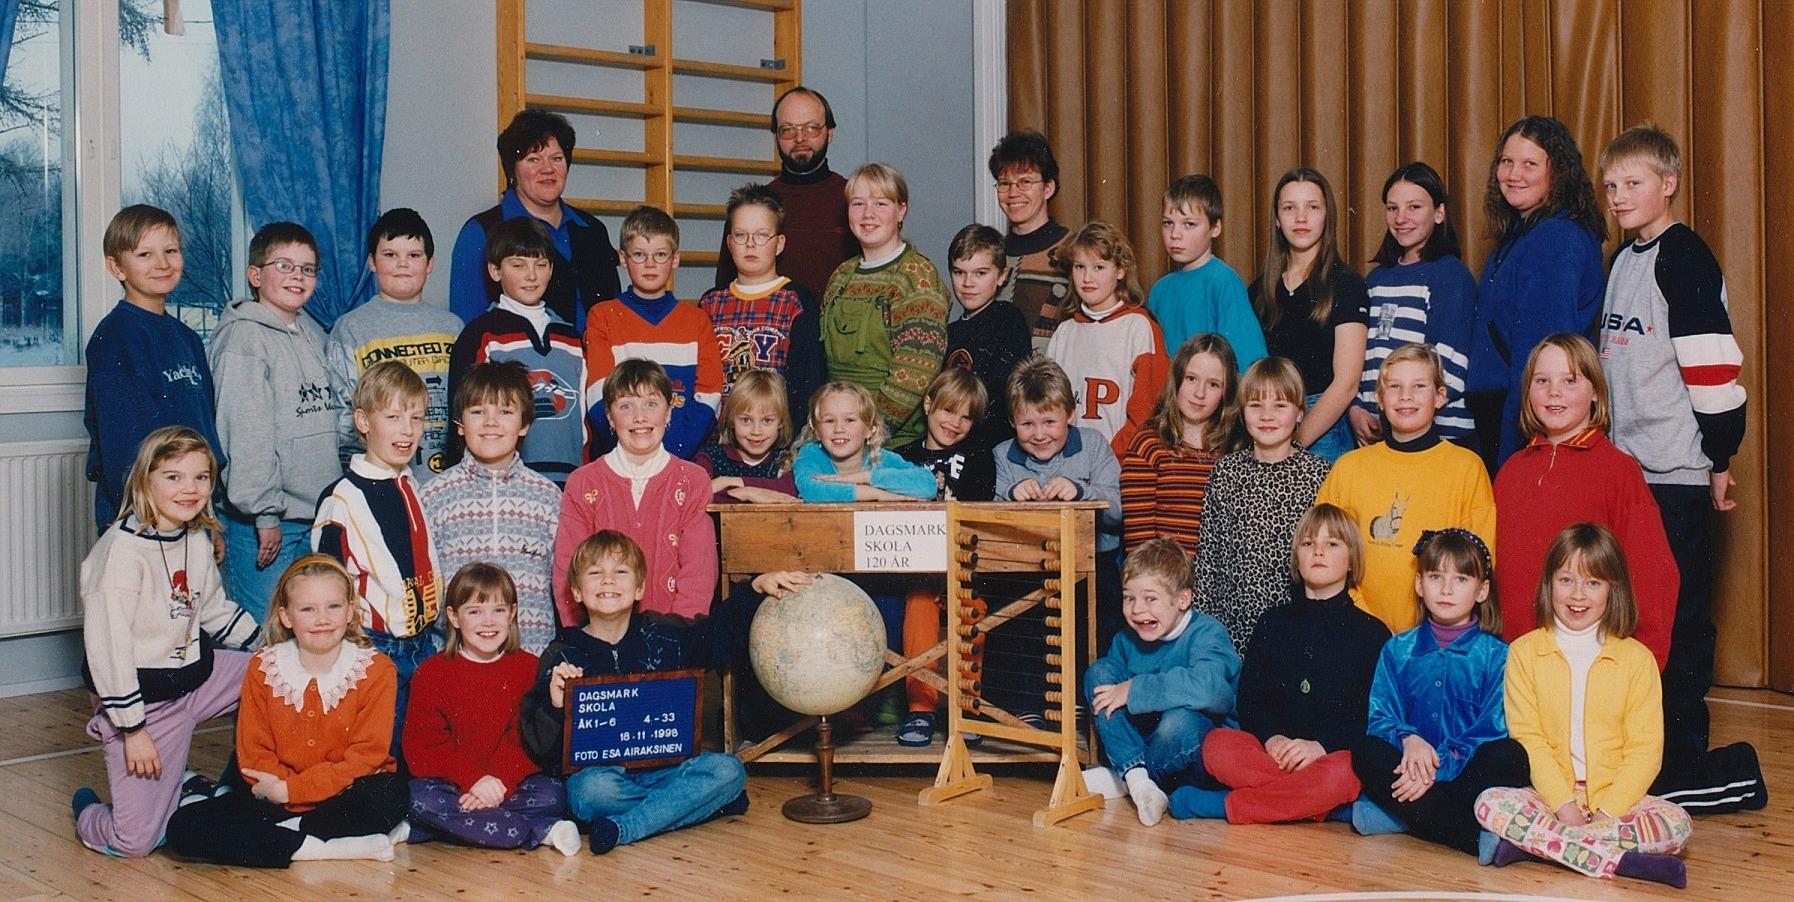 År 1998, Dagsmark skola.